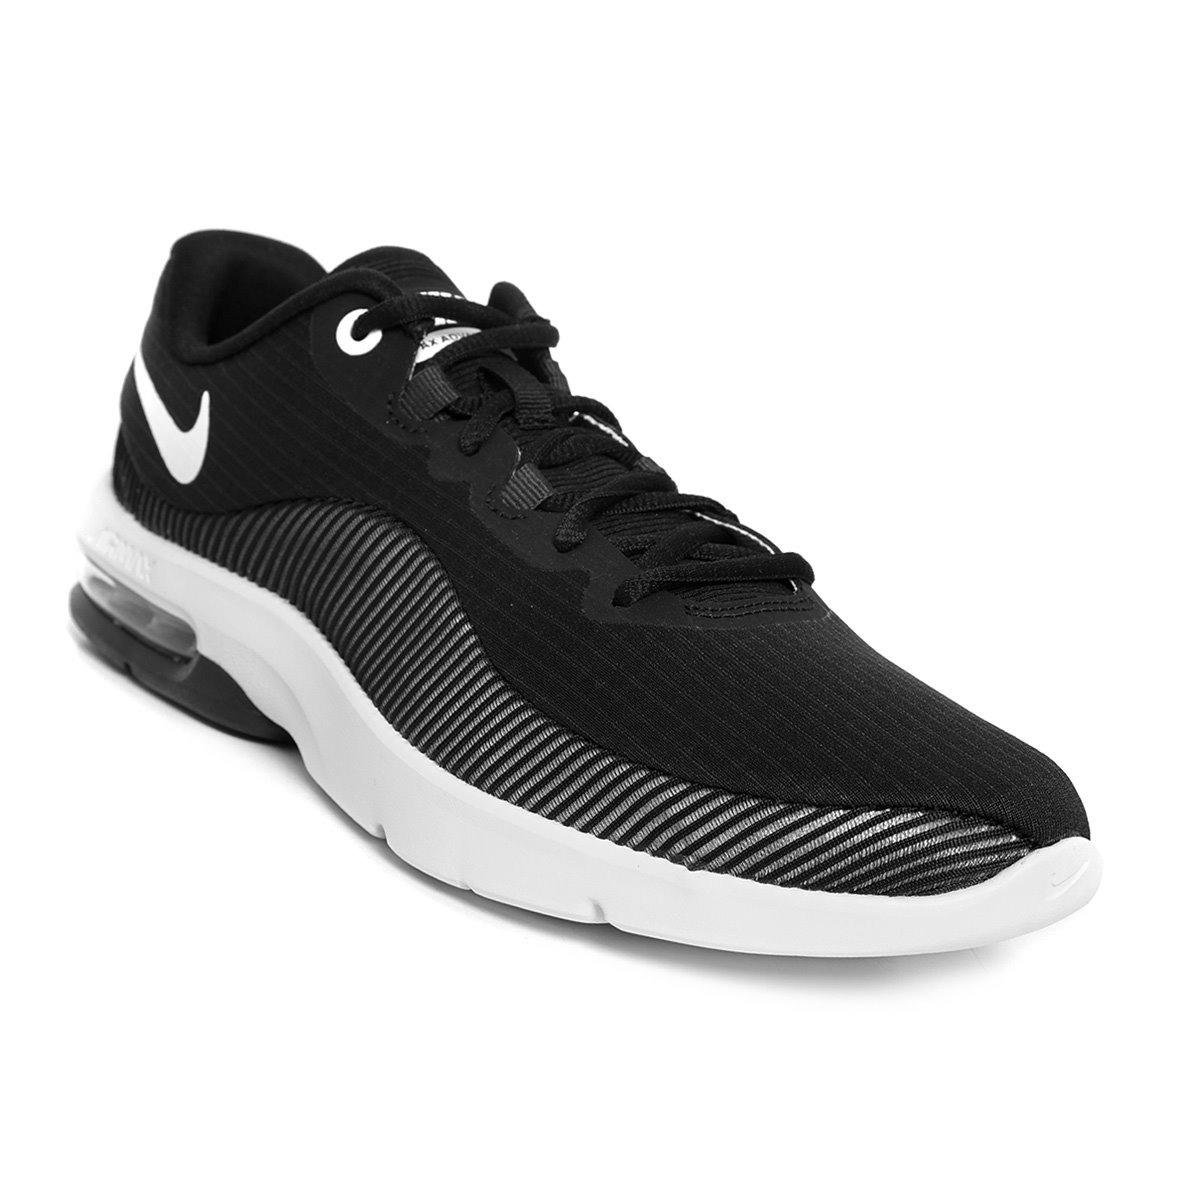 d034841626 tenis nike air max advantage 2 - negro y blanco. Cargando zoom.